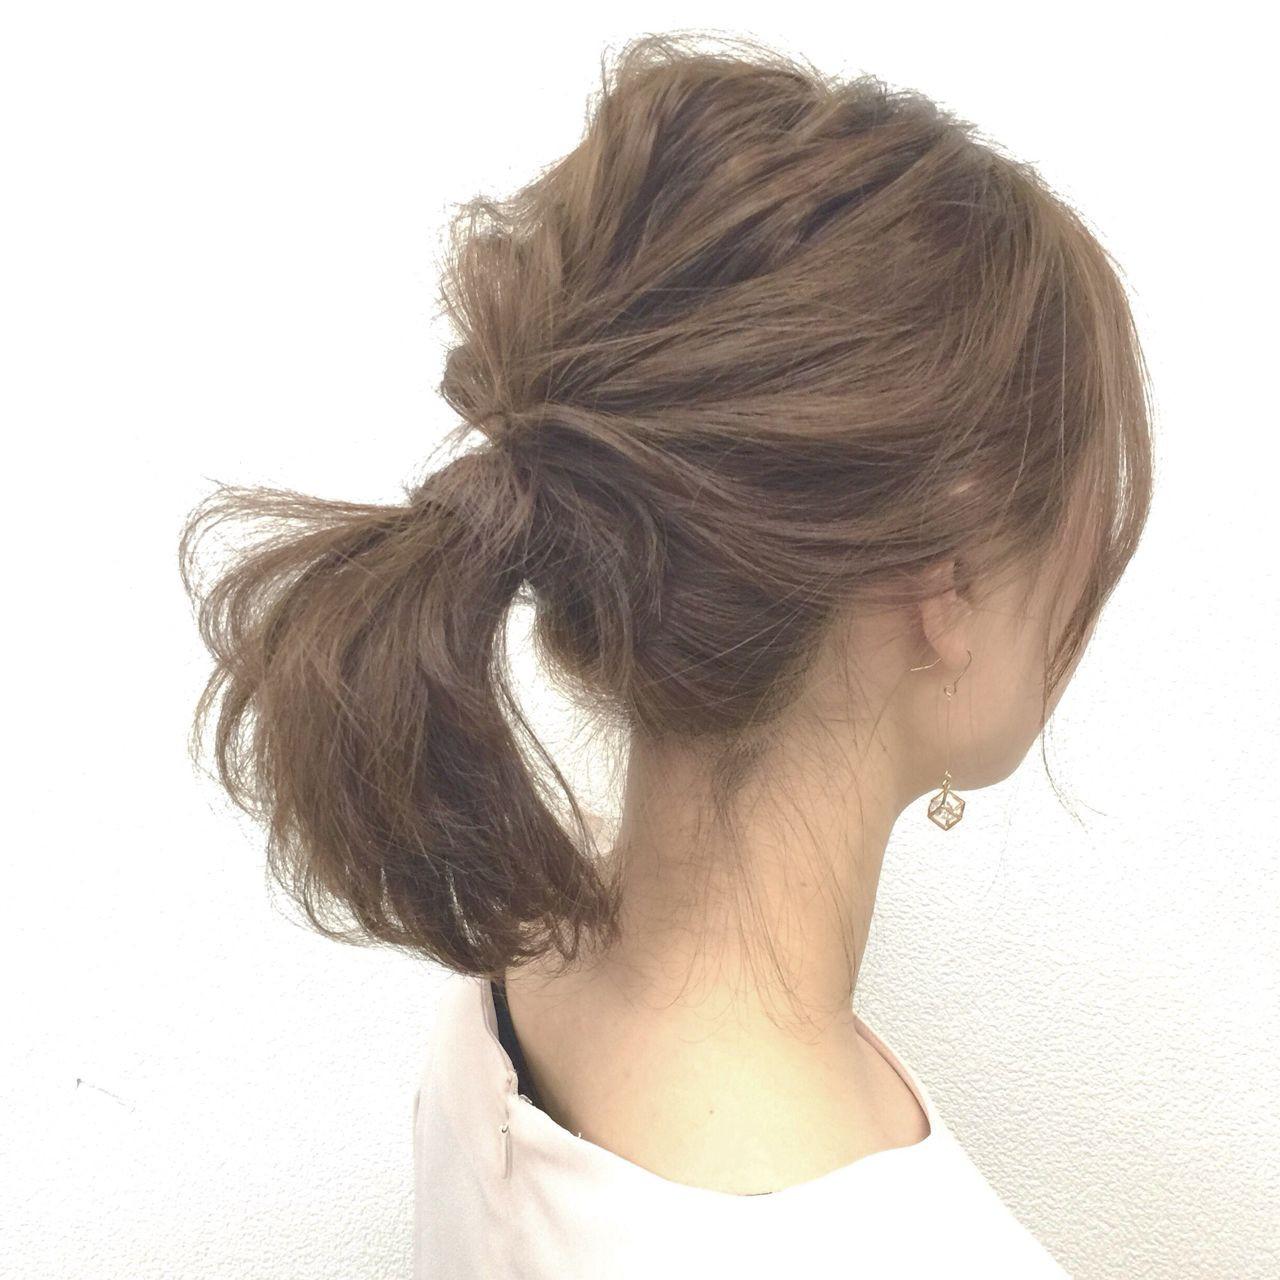 ナチュラル ポニーテール フェミニン ヘアアレンジ ヘアスタイルや髪型の写真・画像